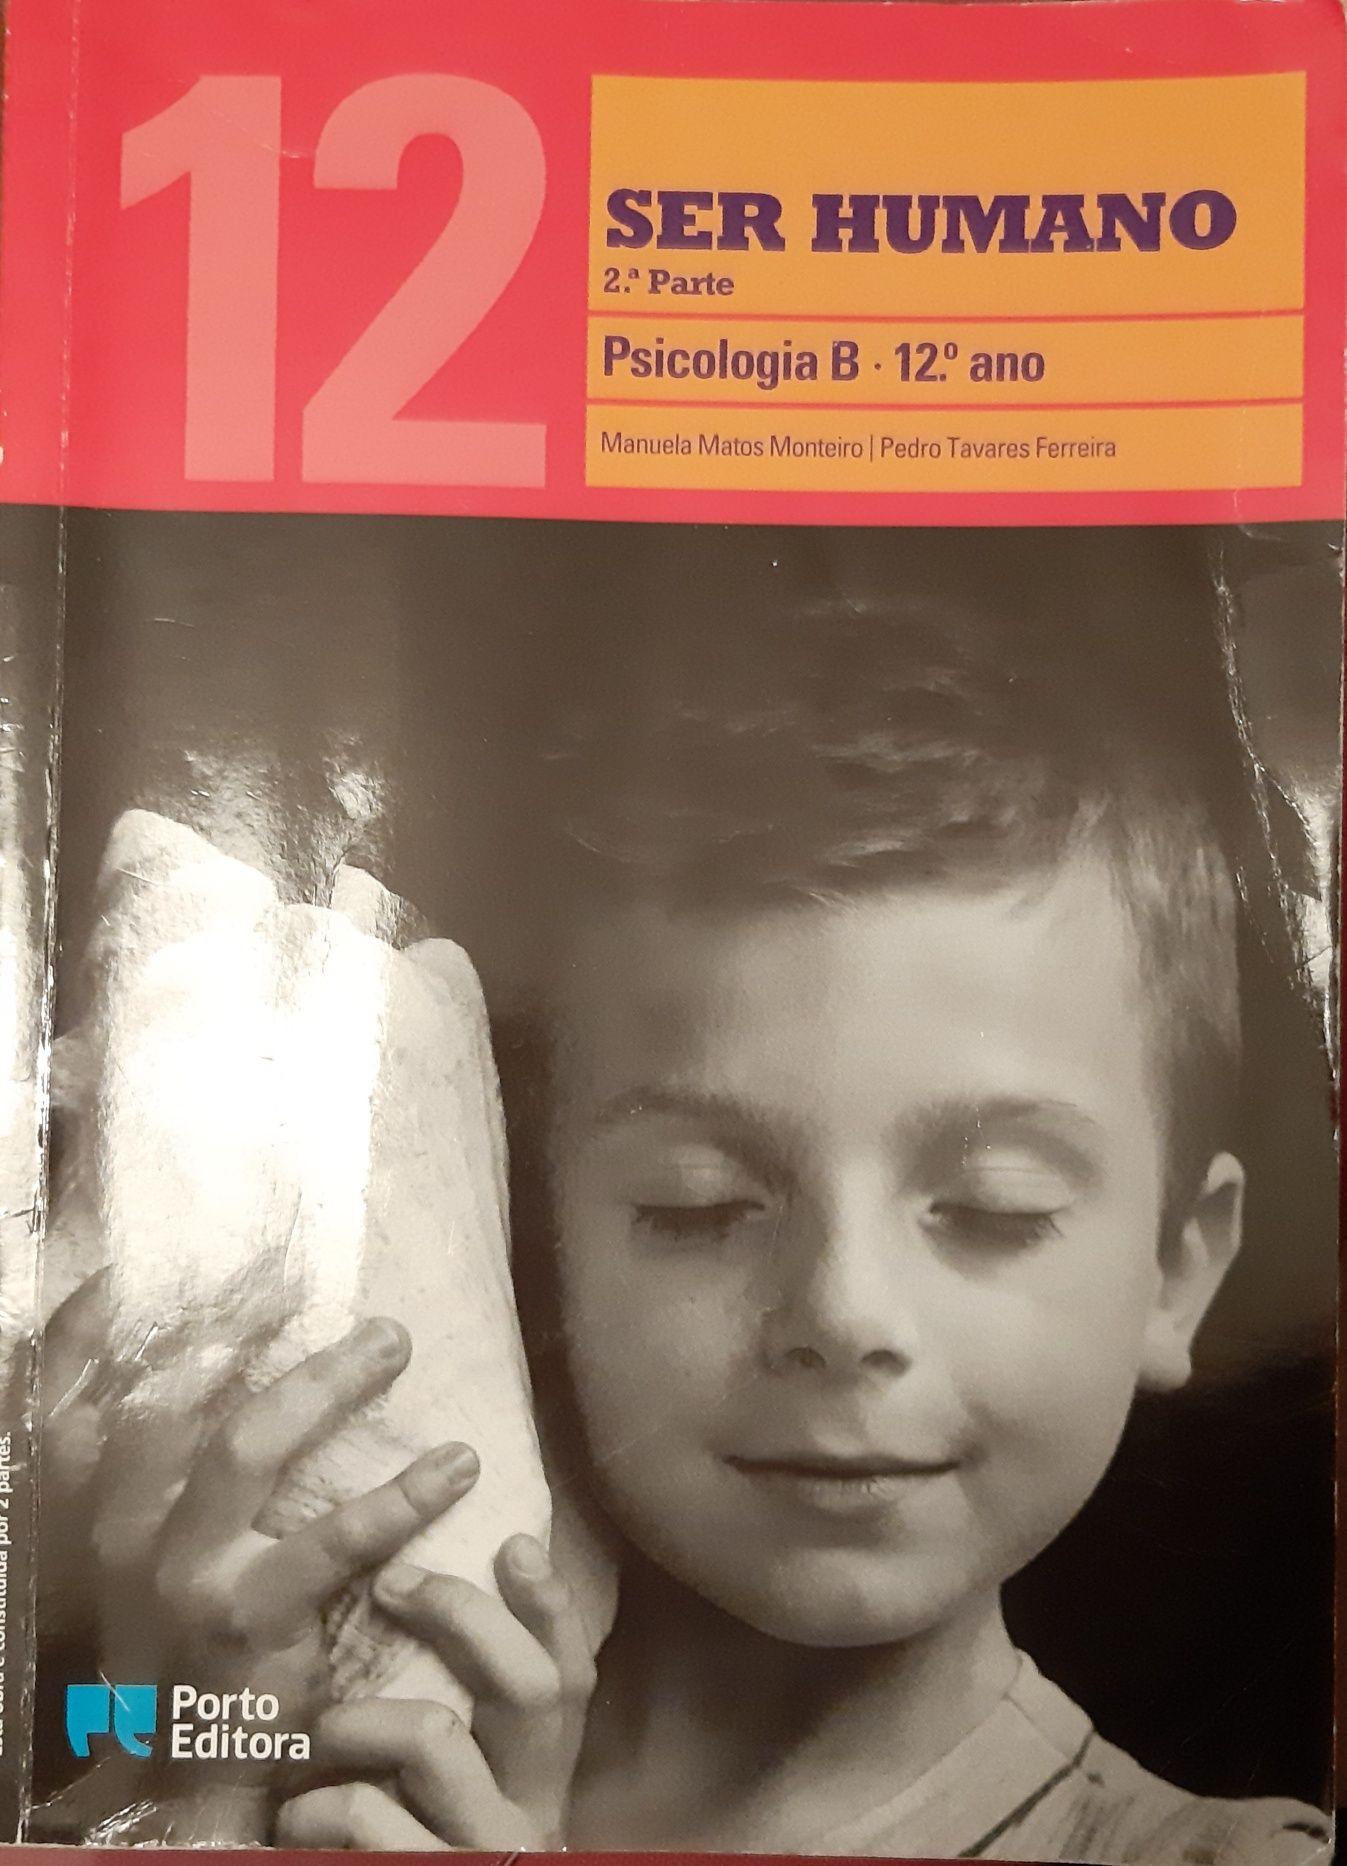 Psicologia B - 12° ano